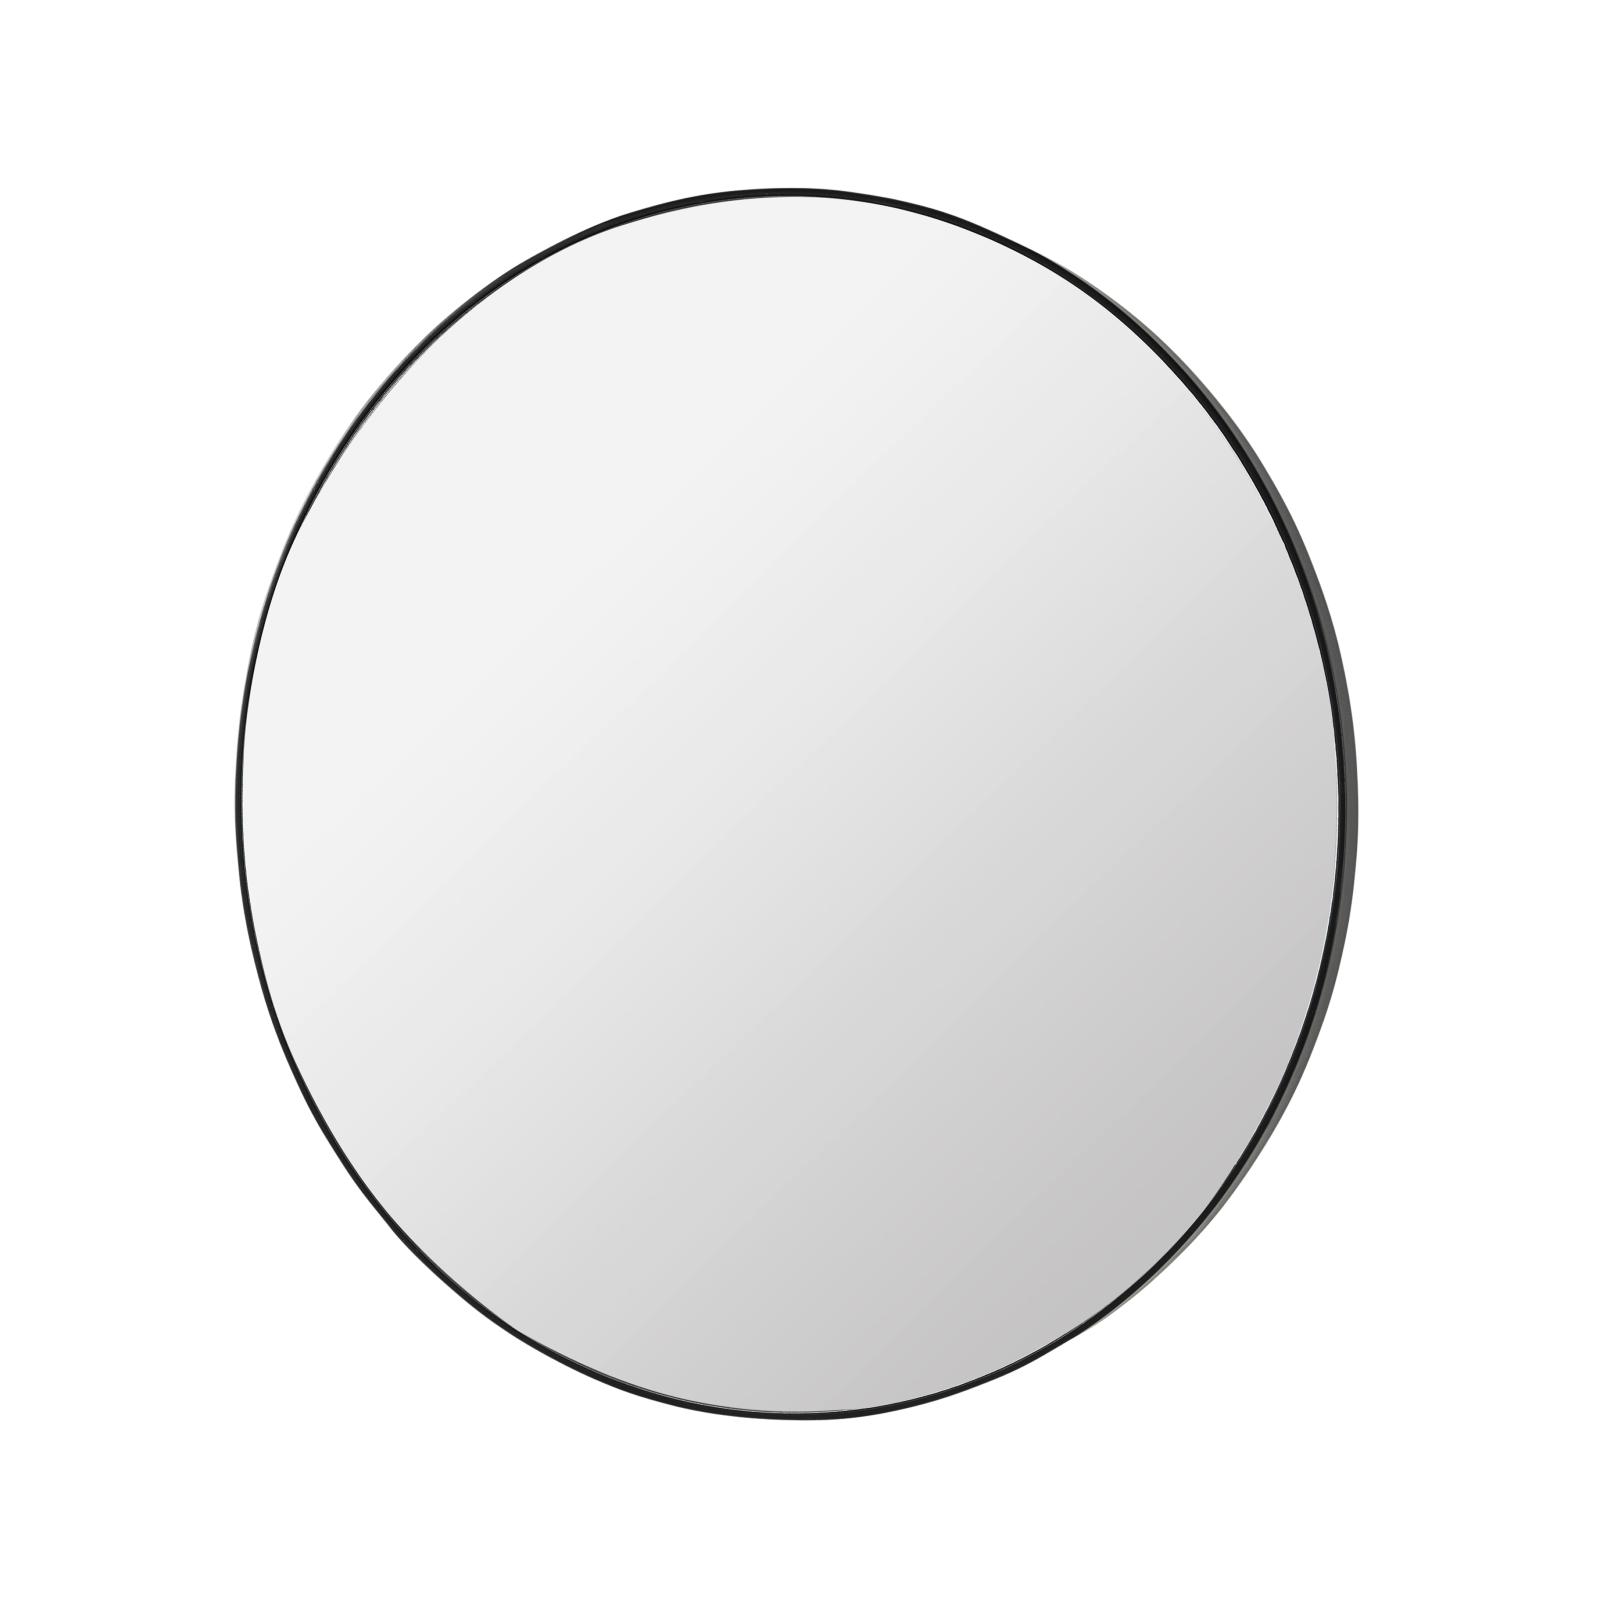 Spegel COMPLETE 110 cm black Broste Copenhagen